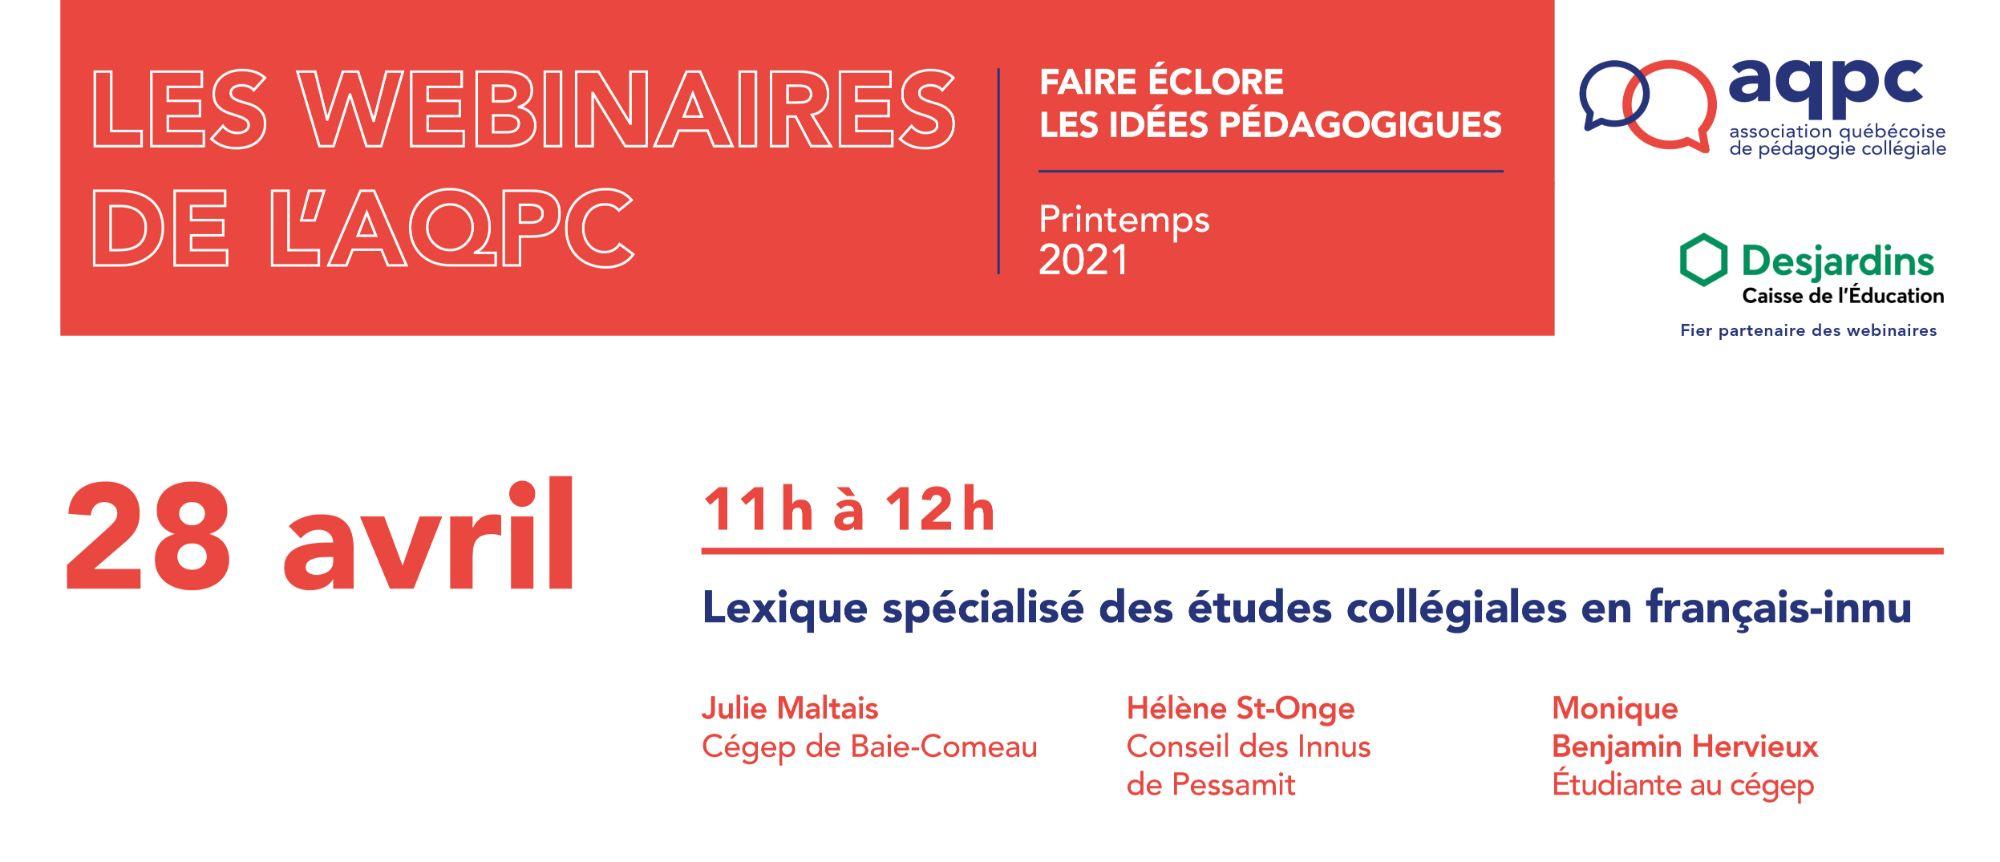 Lexique spécialisé des études collégiales en français-innu